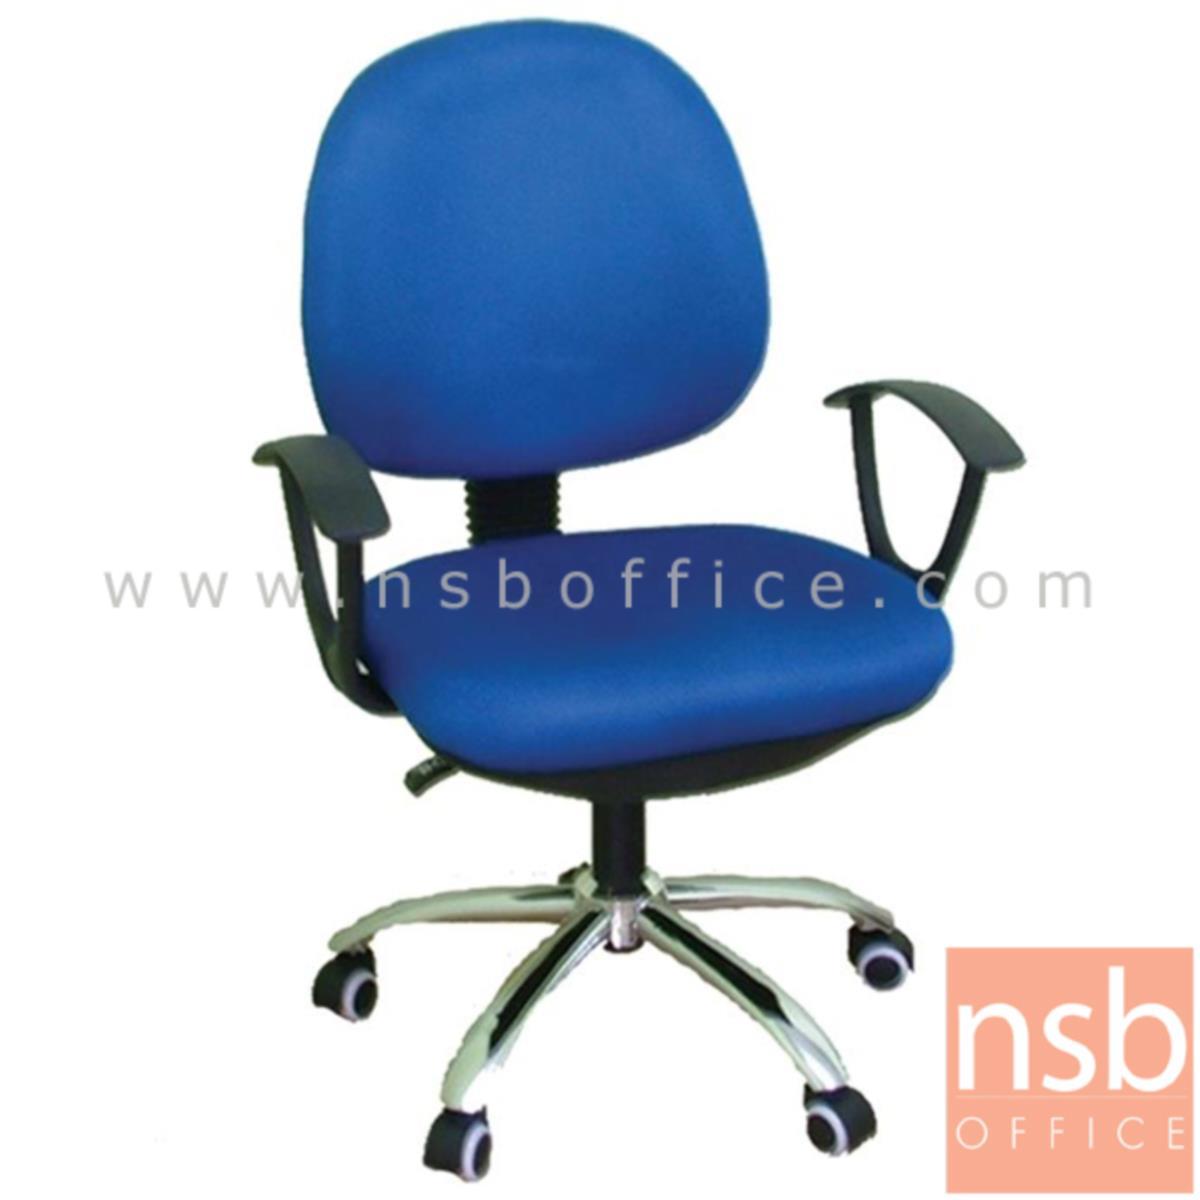 B03A383:เก้าอี้สำนักงาน รุ่น Manaly (แมนนาลี)  โช๊คแก๊ส มีก้อนโยก ขาเหล็กชุบโครเมี่ยม